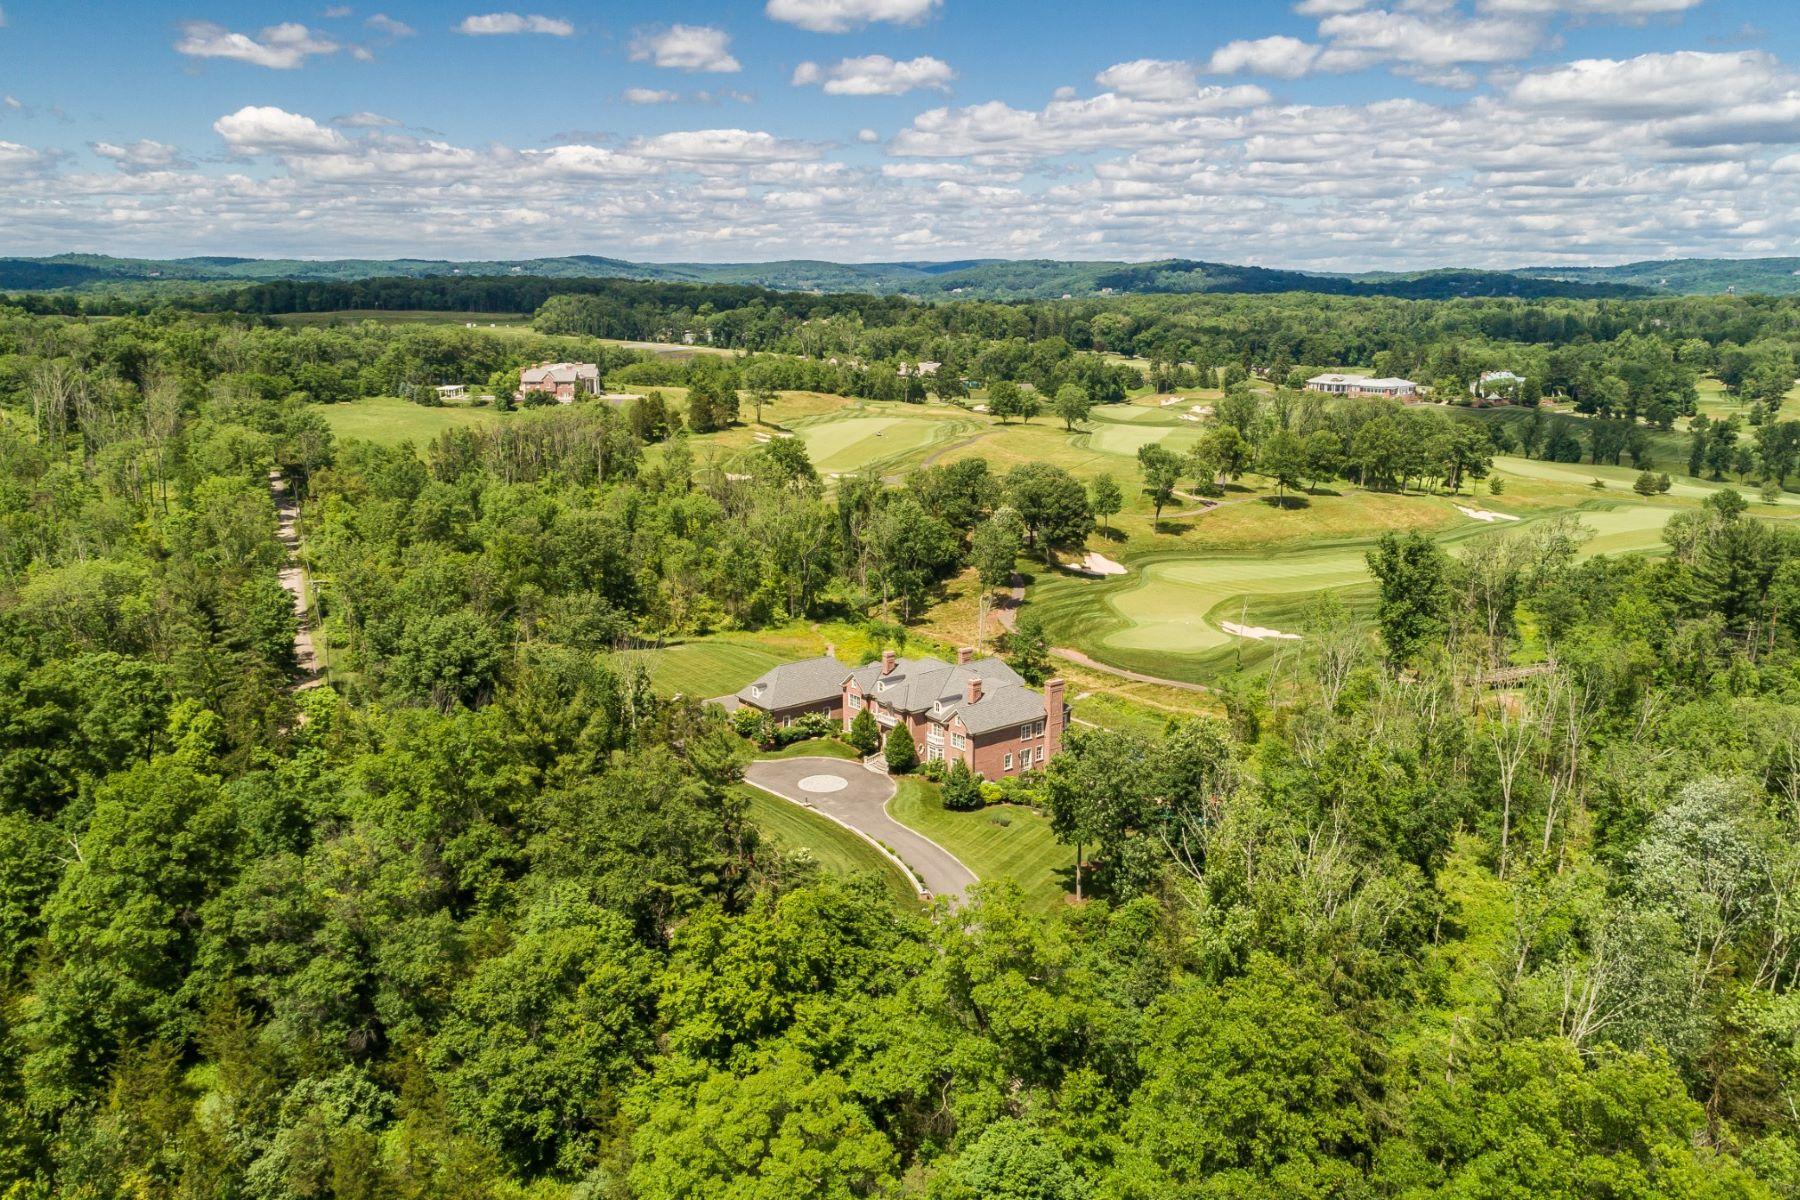 Maison unifamiliale pour l Vente à Private Estate Overlooking Golf Course 2030 Larger Cross Road, Bedminster, New Jersey 07921 États-Unis